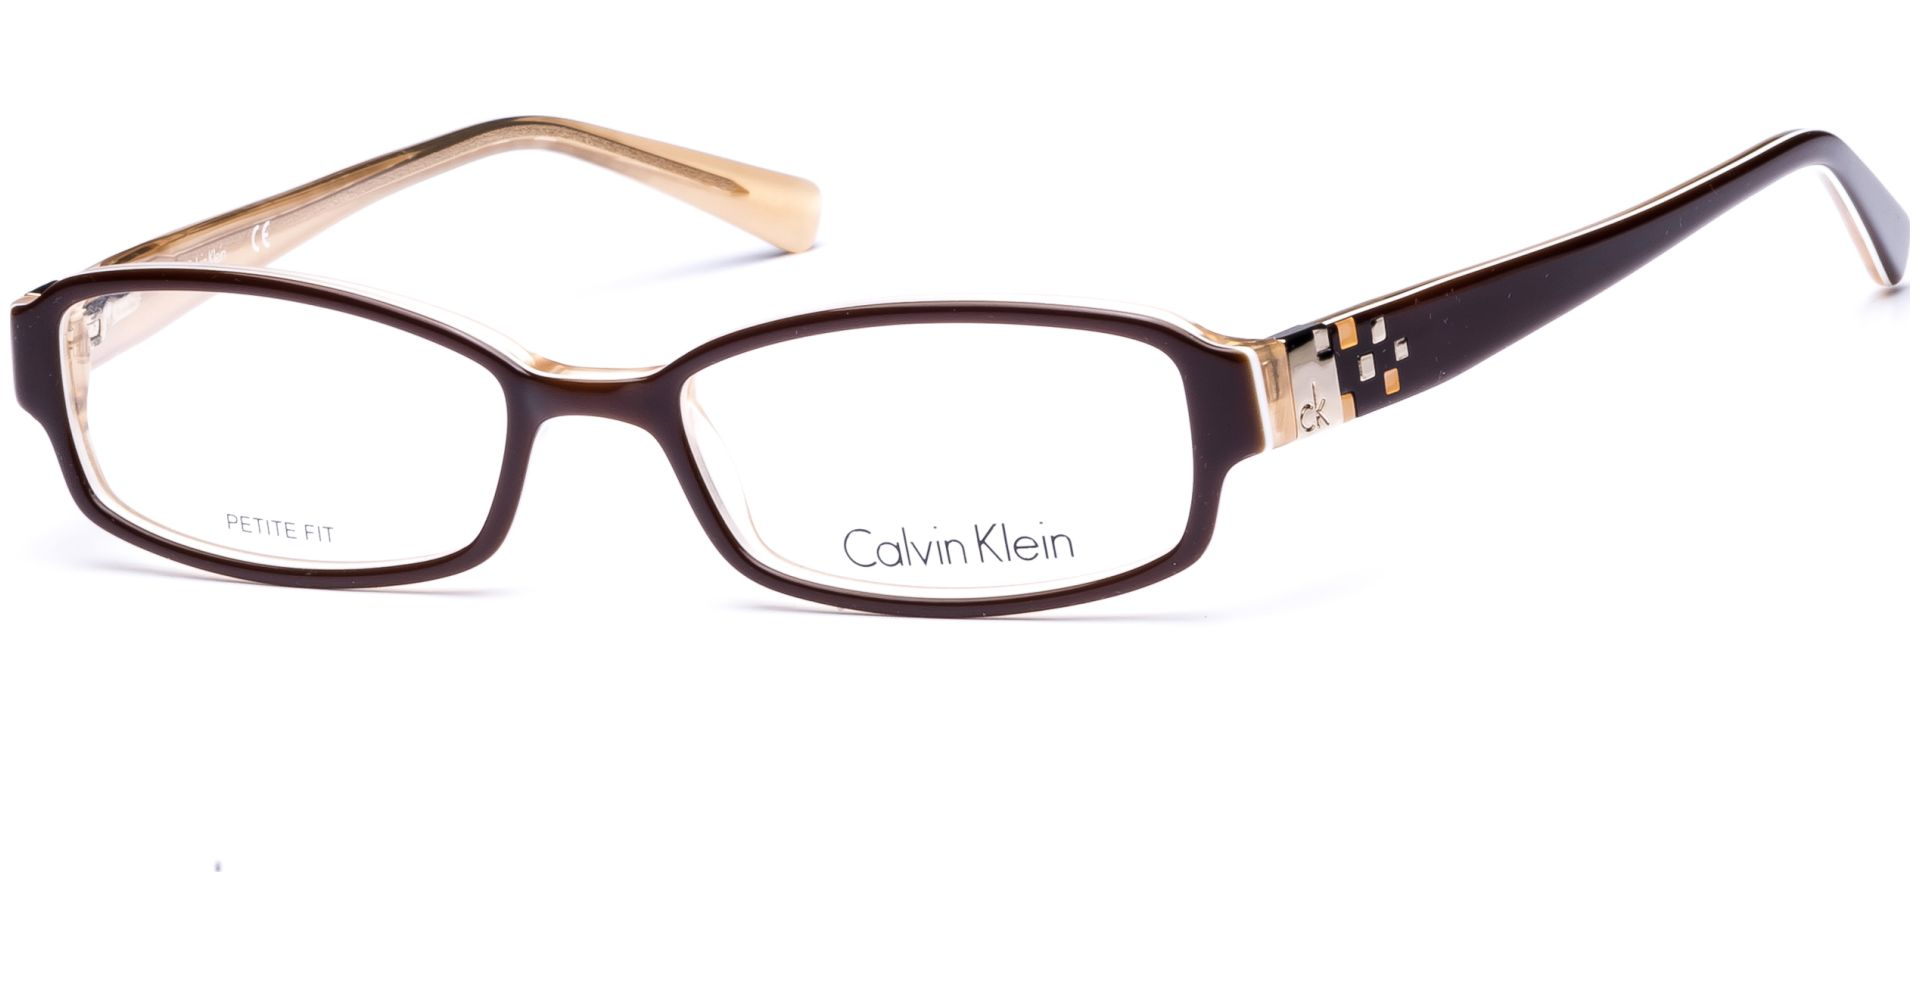 ck Calvin Klein - CK Platinum ck5689 213 4816 BROWN PEACH - von Lensbest